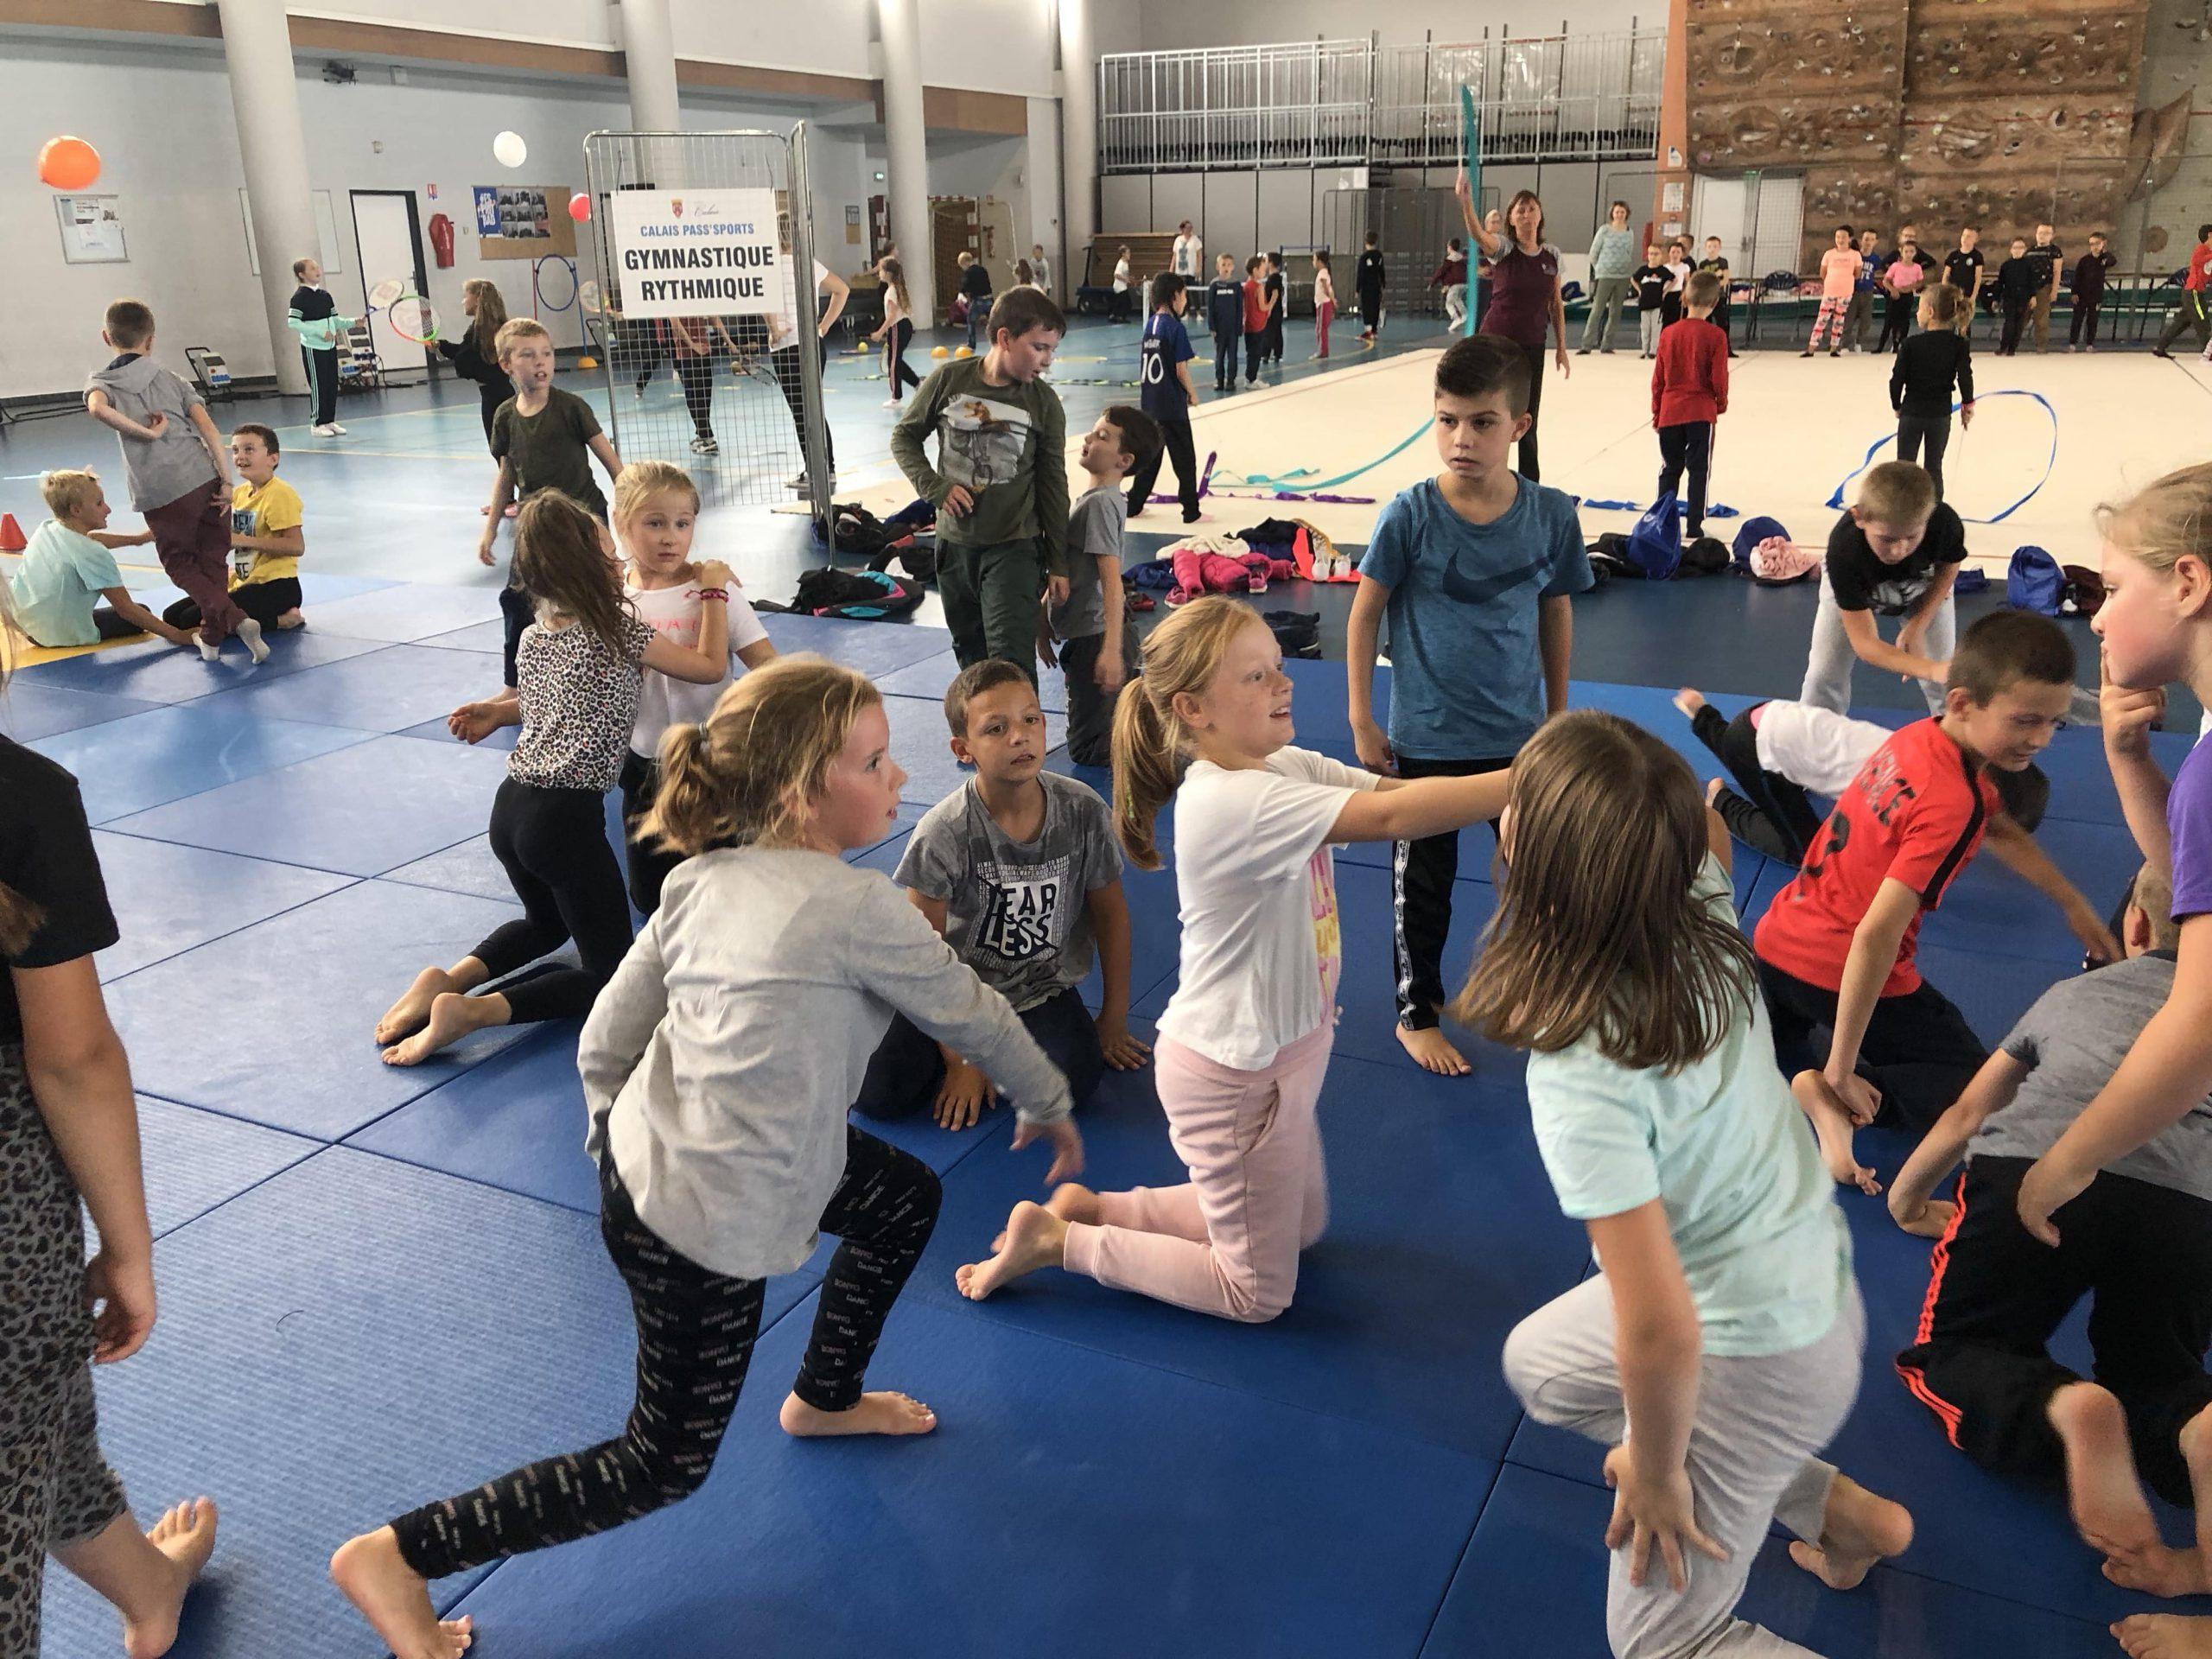 les élèves de l'école Sainte Germaine apprennent la gymnastique rythmique